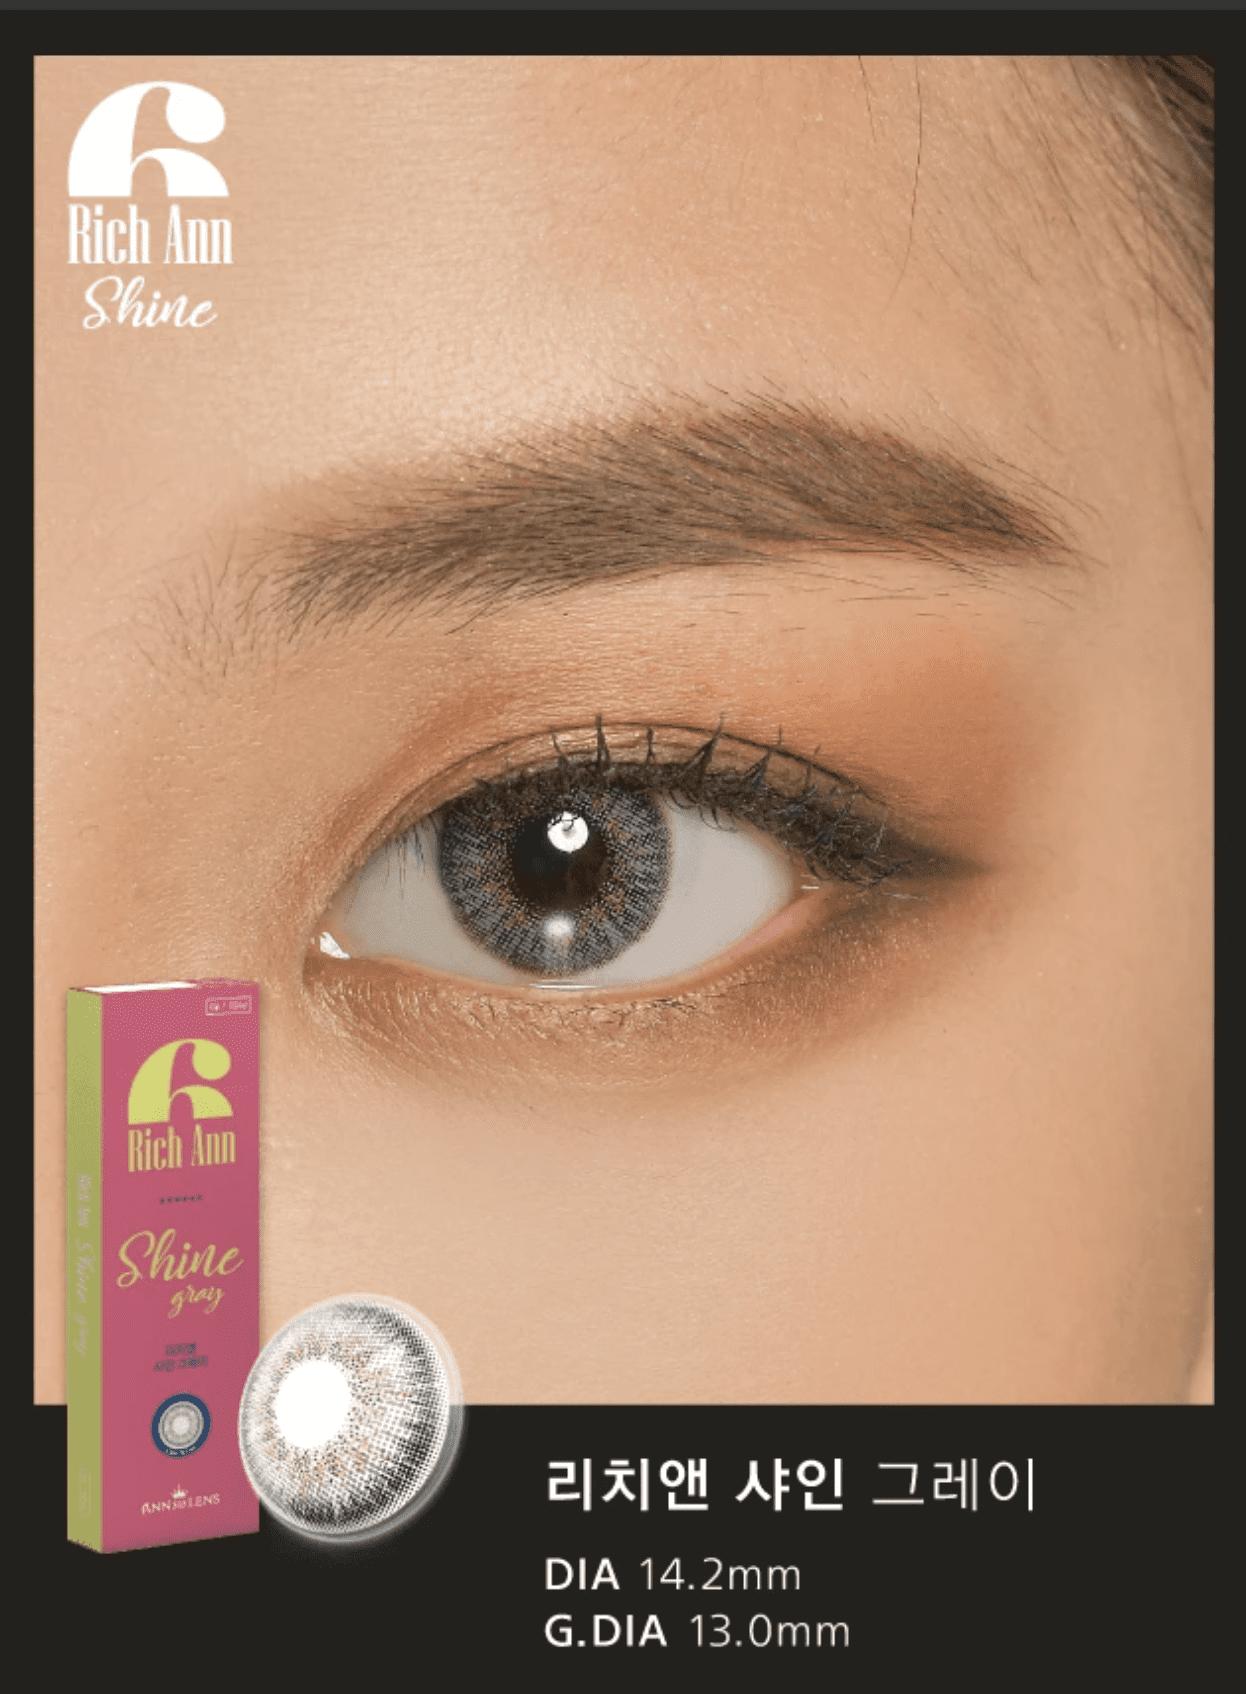 Ann365 1 Day Rich Ann - Shine Gray